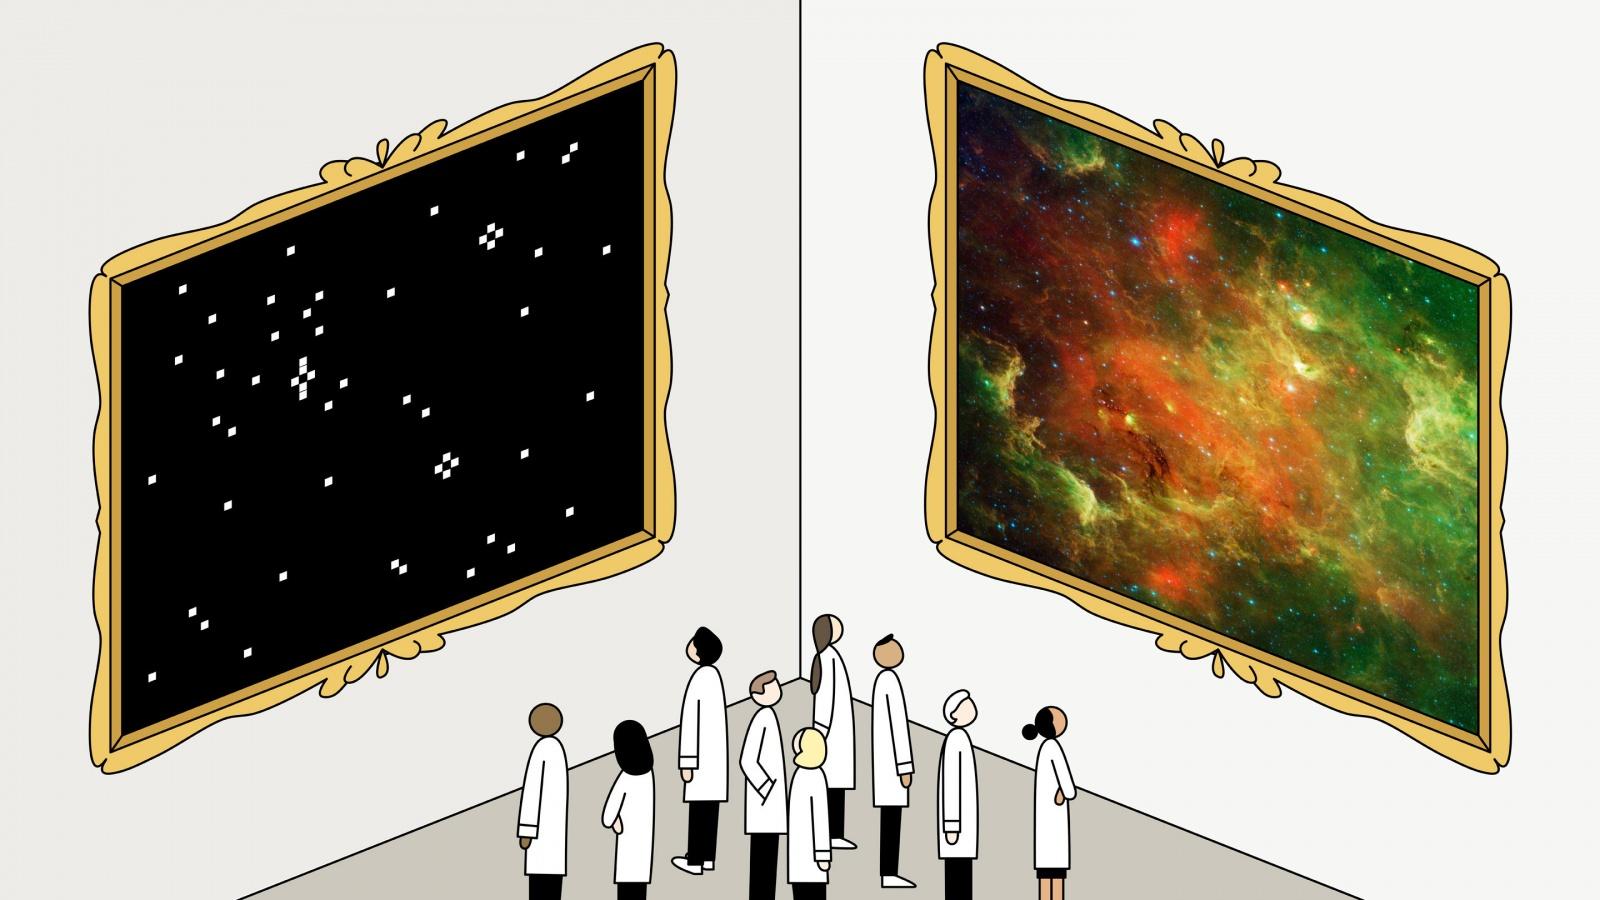 Простые квантовые игры раскрывают окончательную сложность Вселенной - 1